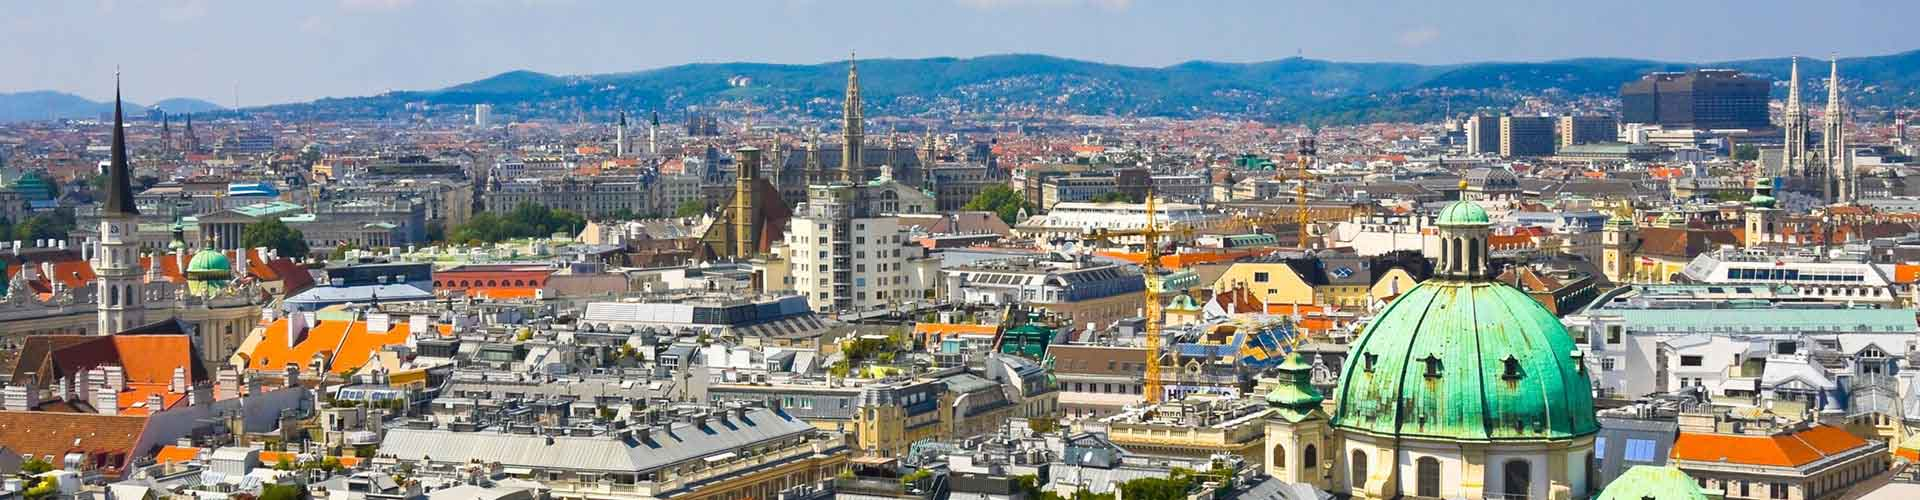 Vienne - Hôtels à Vienne. Cartes pour Vienne, photos et commentaires pour chaque hôtel à Vienne.